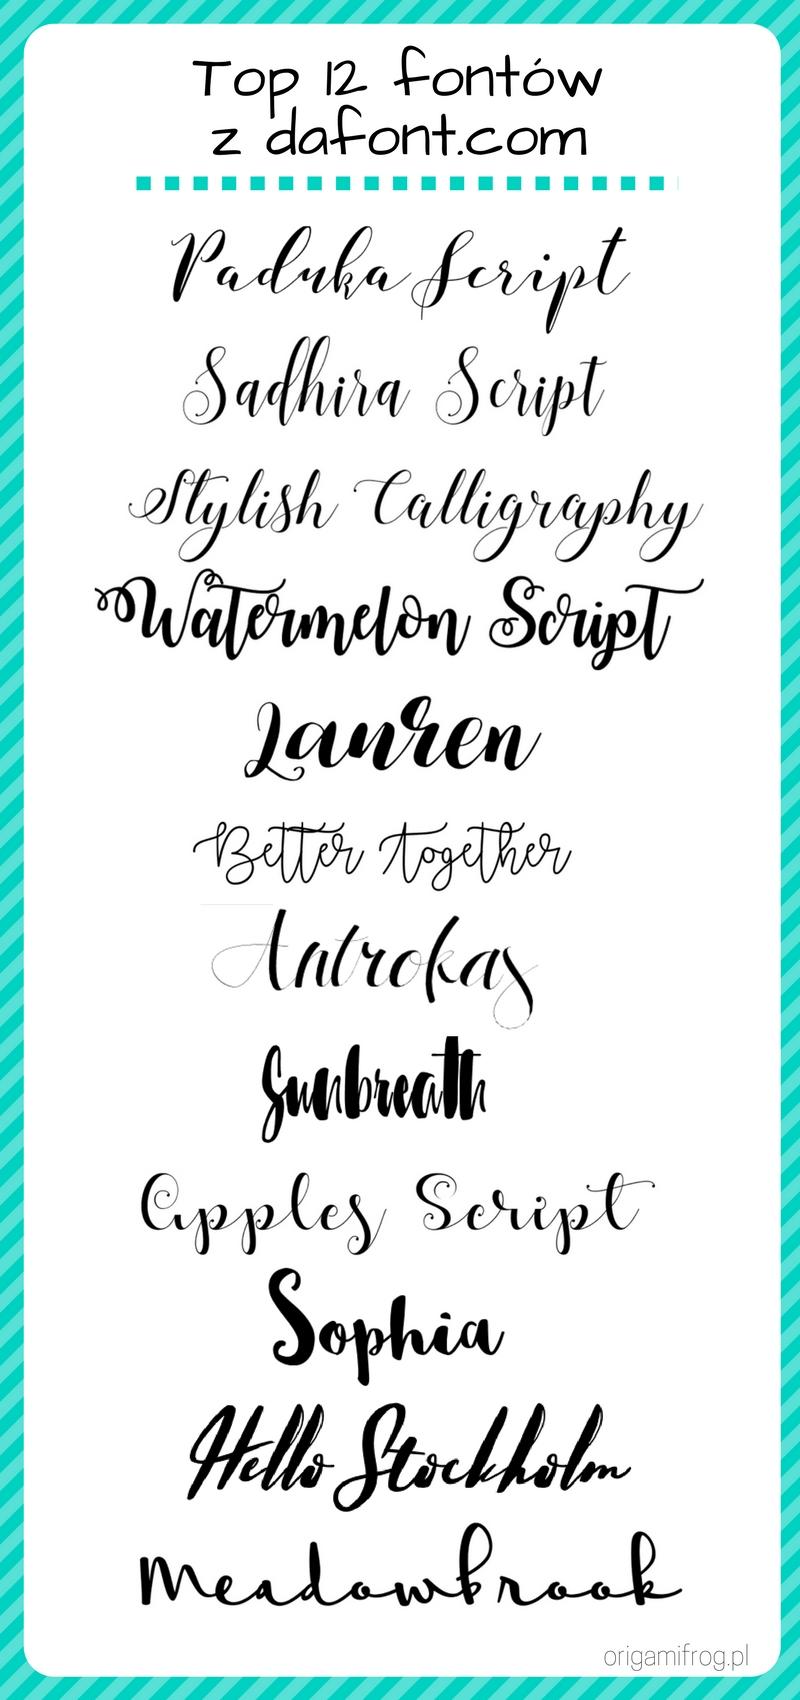 Top 12 - ulubione fonty z dafont.com / hand lettering, kaligrafia